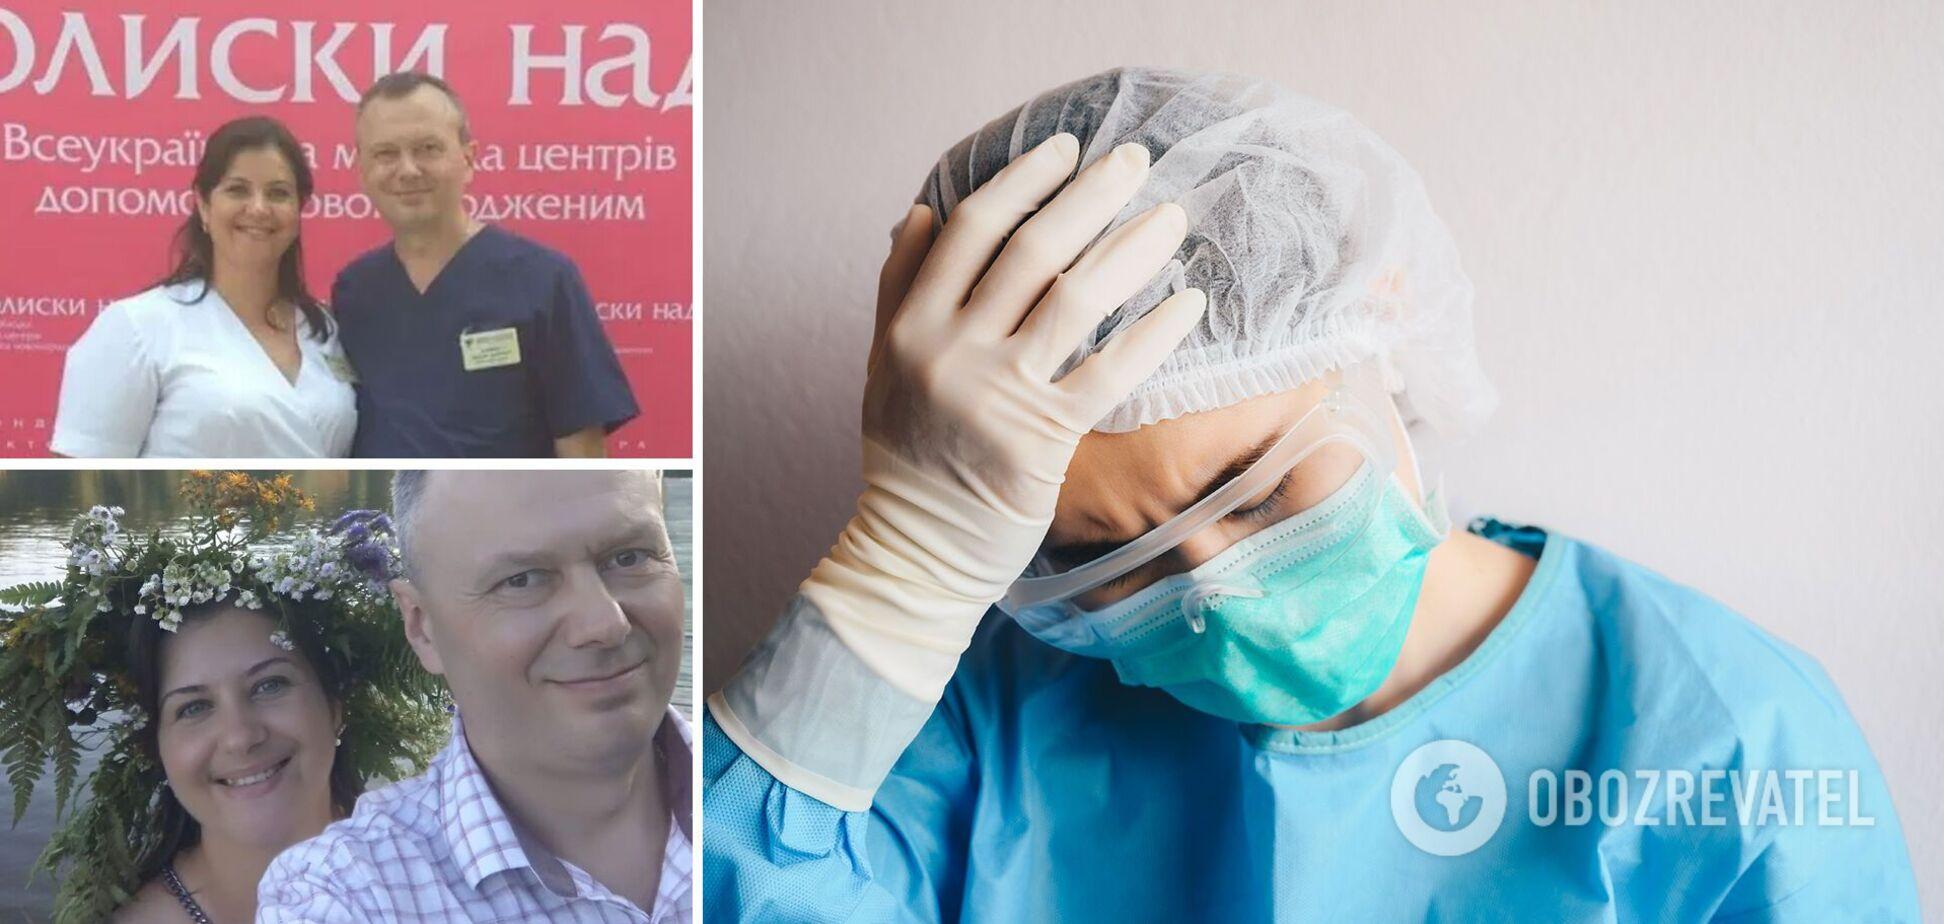 В Виннице от коронавируса скончалась медсестра, без матери остались двое сыновей: подробности трагедии